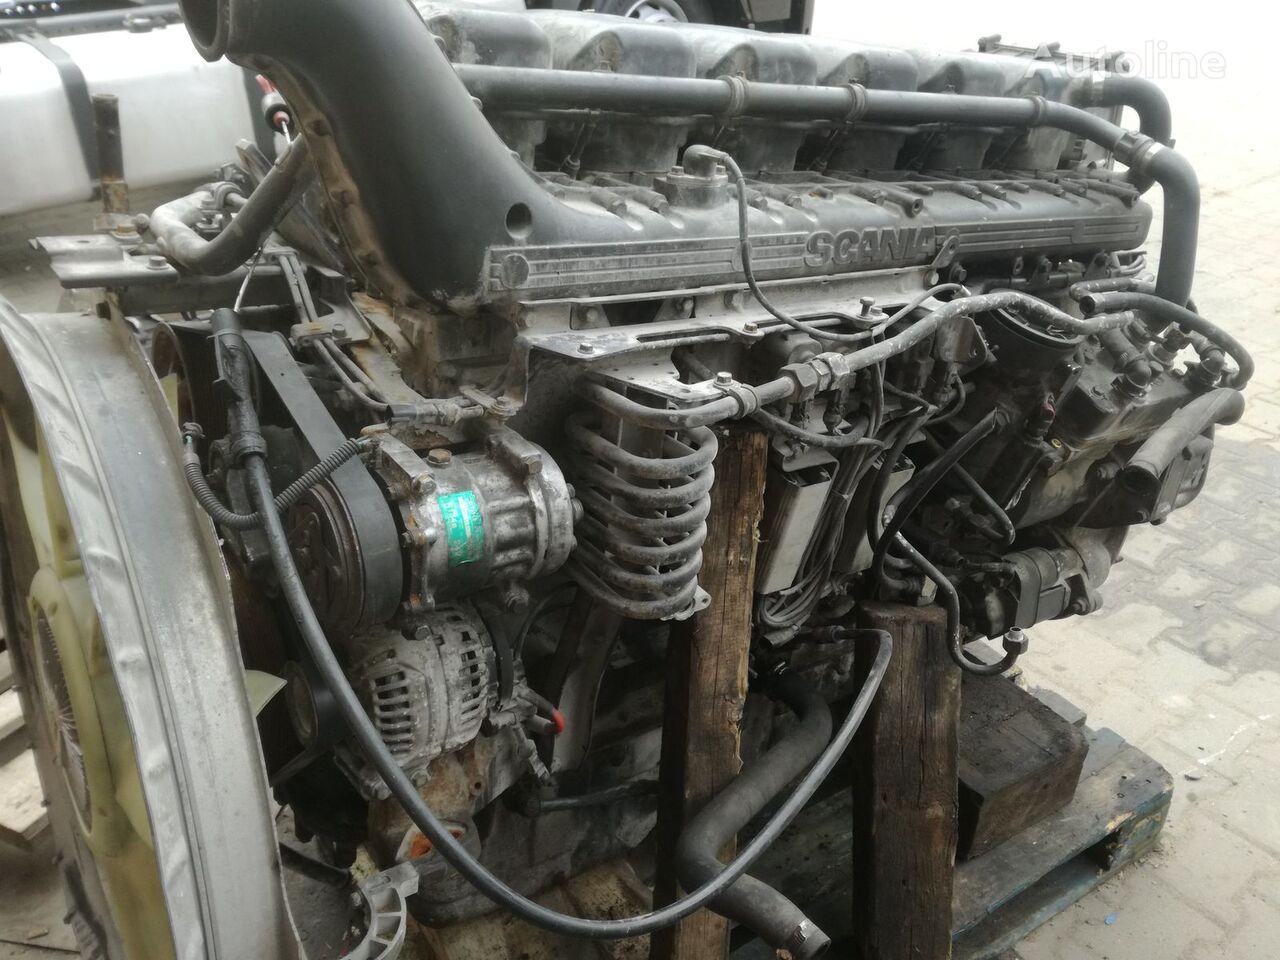 SCANIA R 420 DC1215 HPI E4,5 engine for SCANIA R  truck